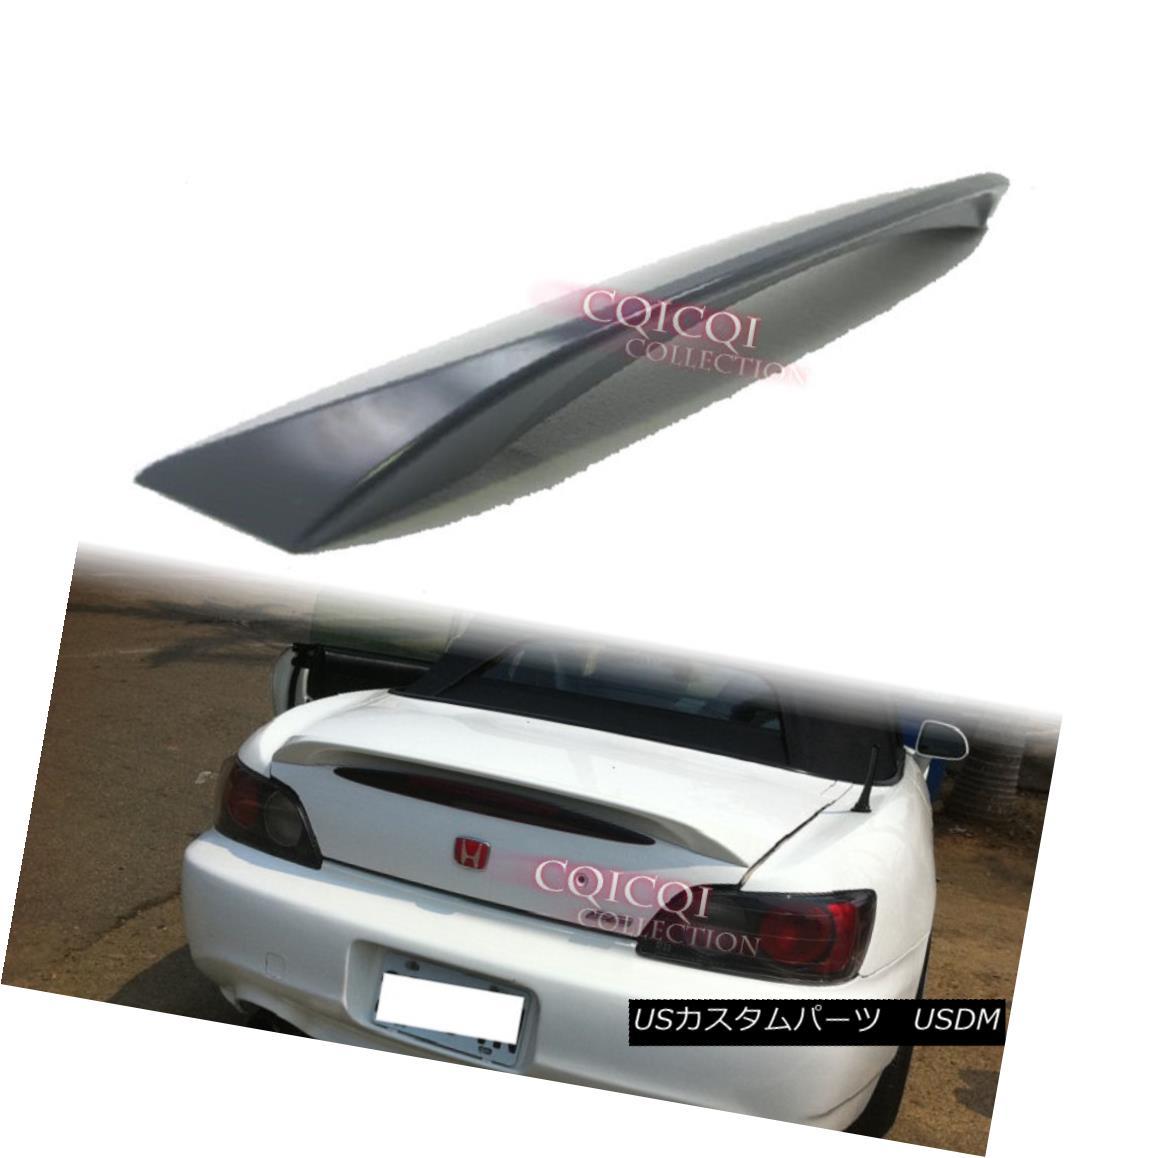 エアロパーツ Painted Honda 00-09 S2000 OEM type rear trunk spoiler color: NH565 White ◎ 塗装ホンダ00-09 S2000 OEMタイプの後部トランクスポイラーカラー:NH565ホワイト?